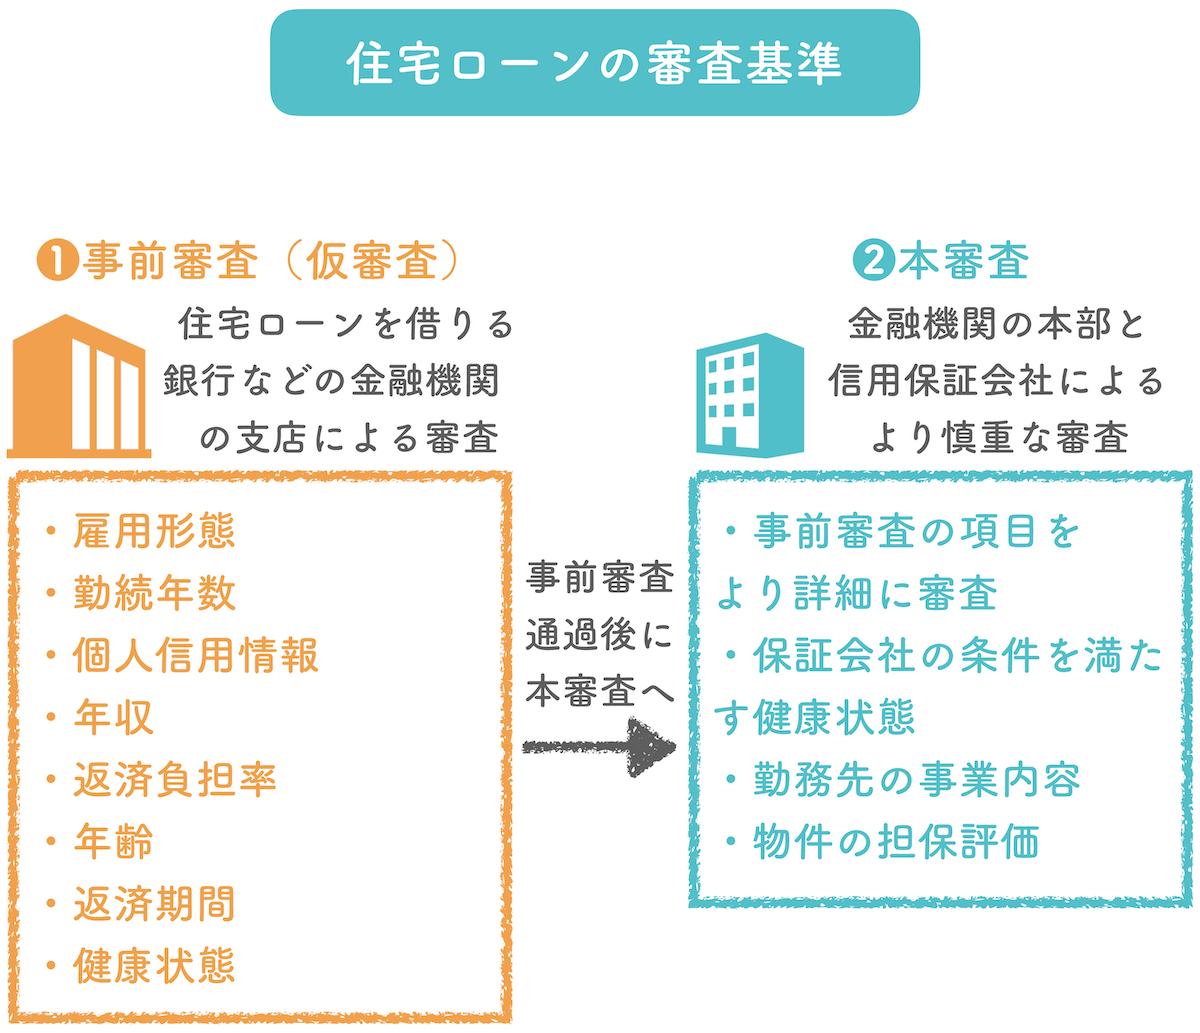 住宅ローンの審査基準「通らない理由と落ちた場合の5つの対策」